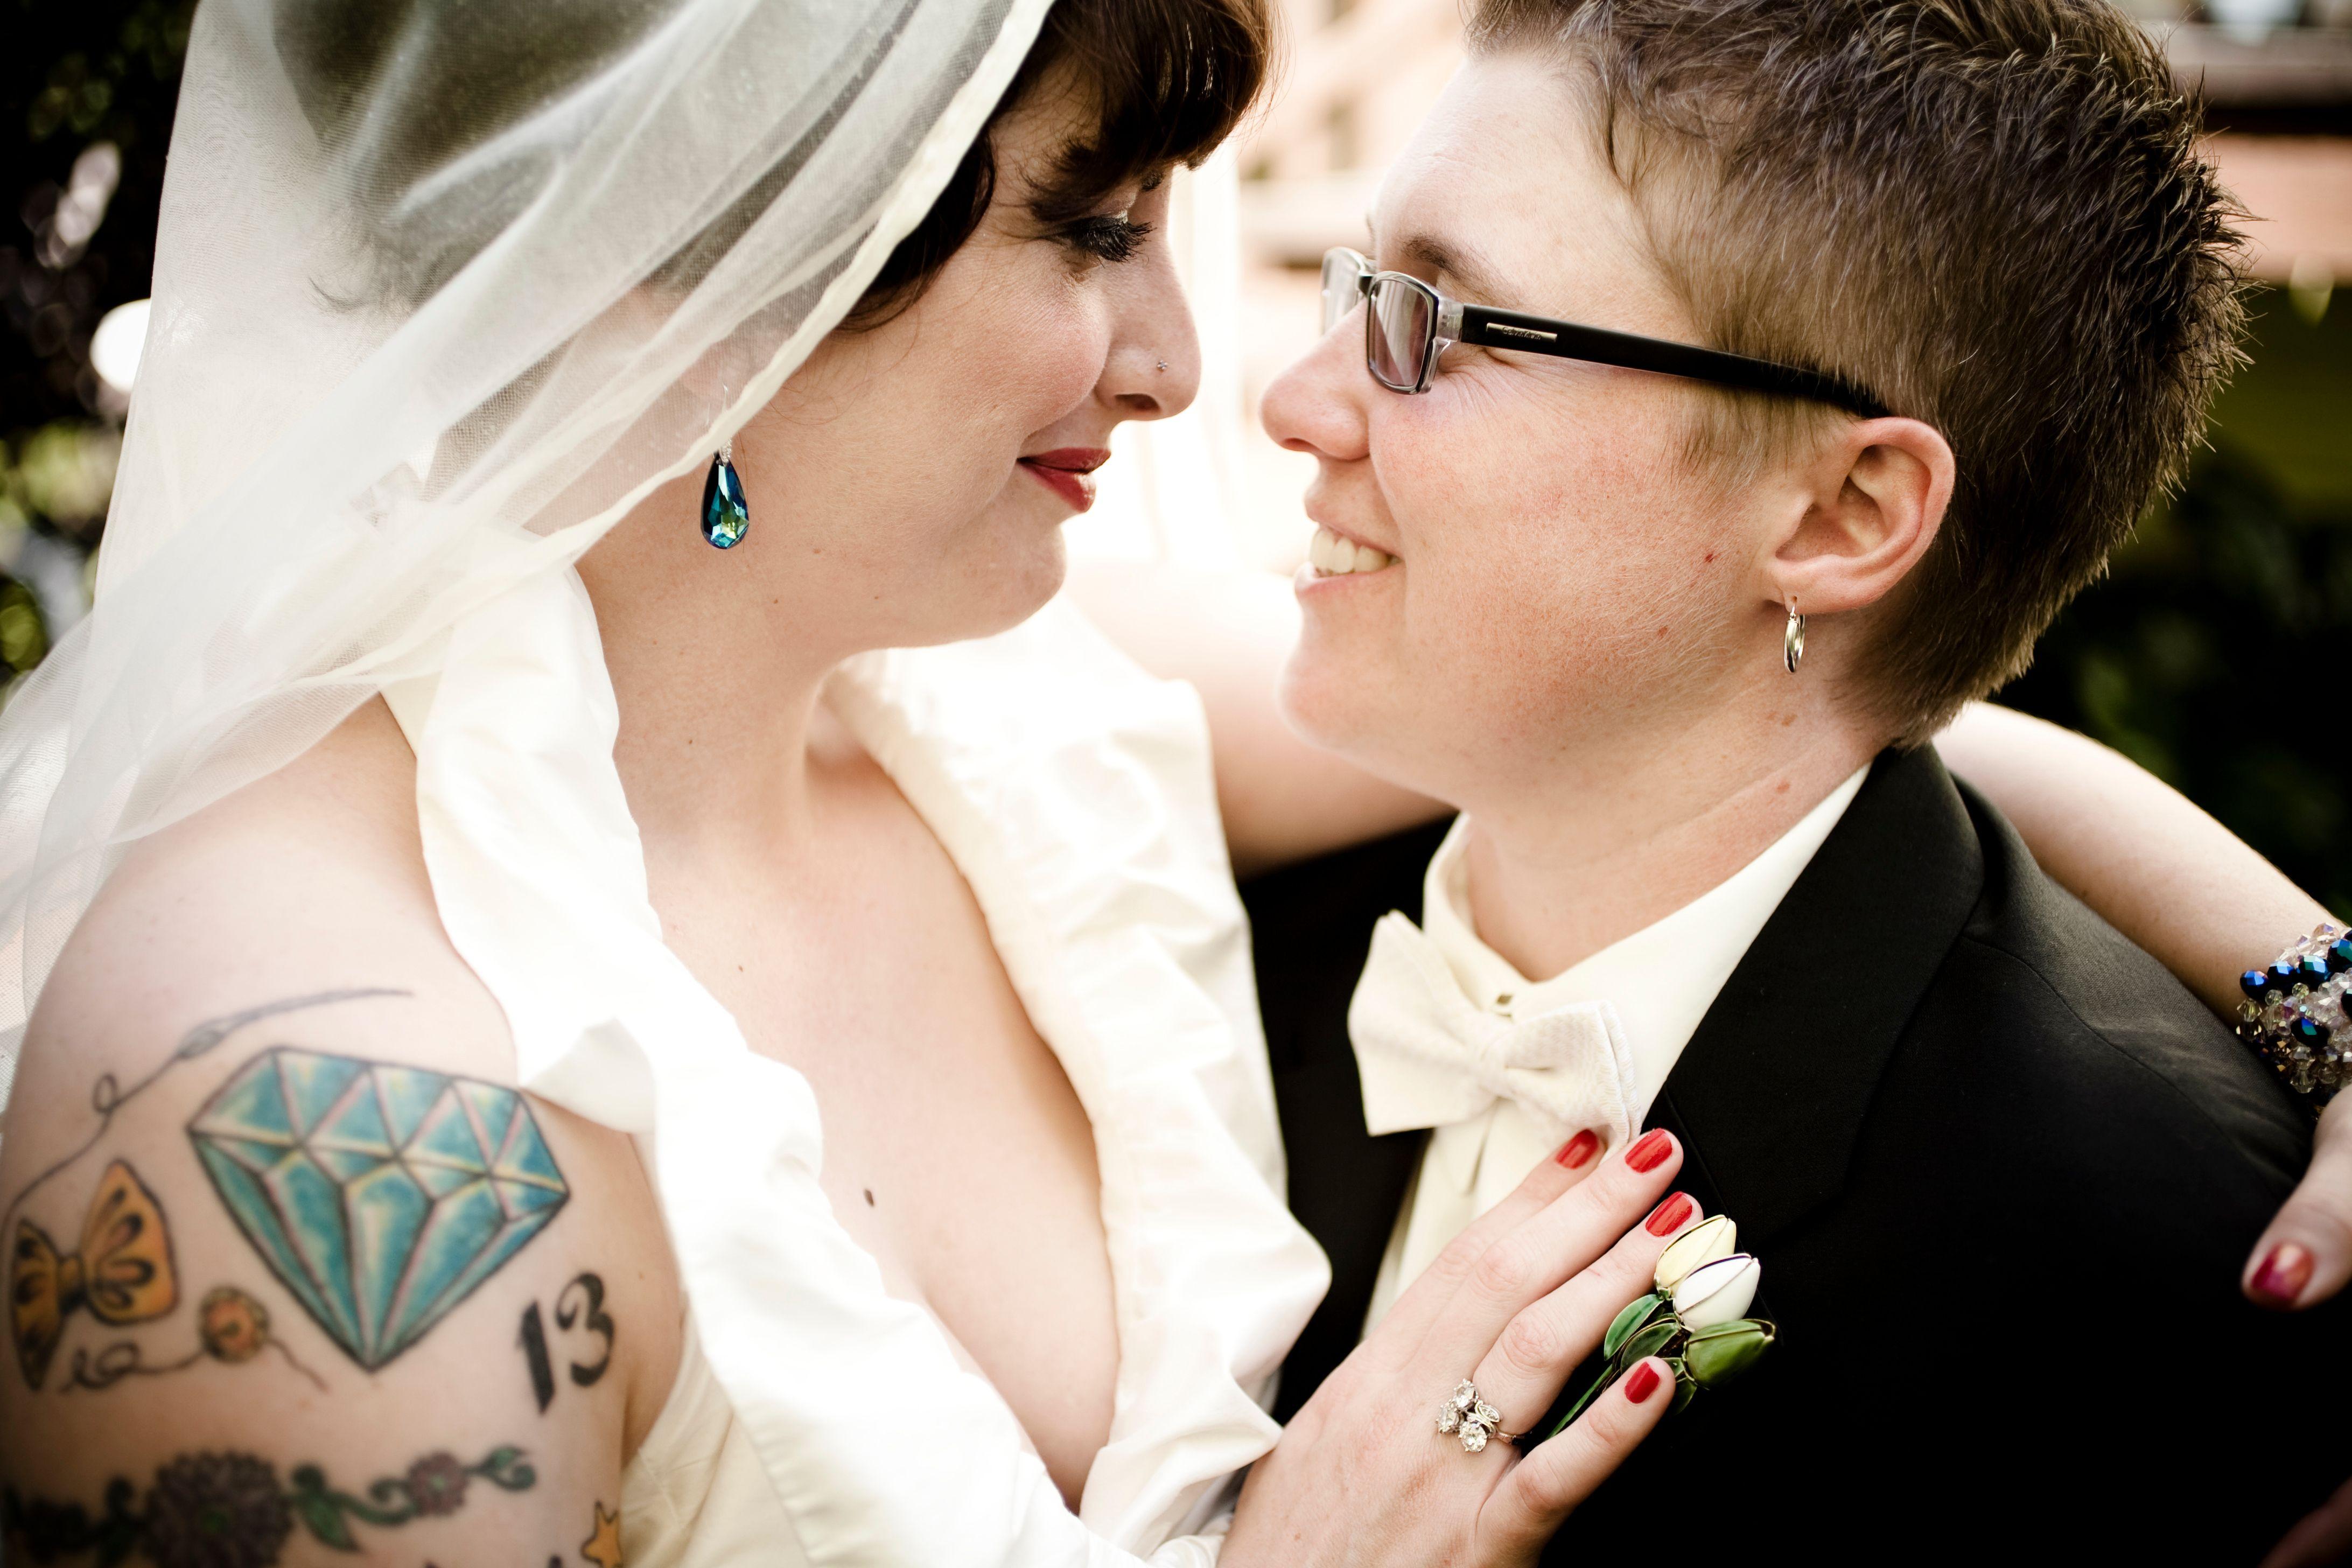 Gay weddings las vegas, lgbtq marriage venues, lesbian weddings